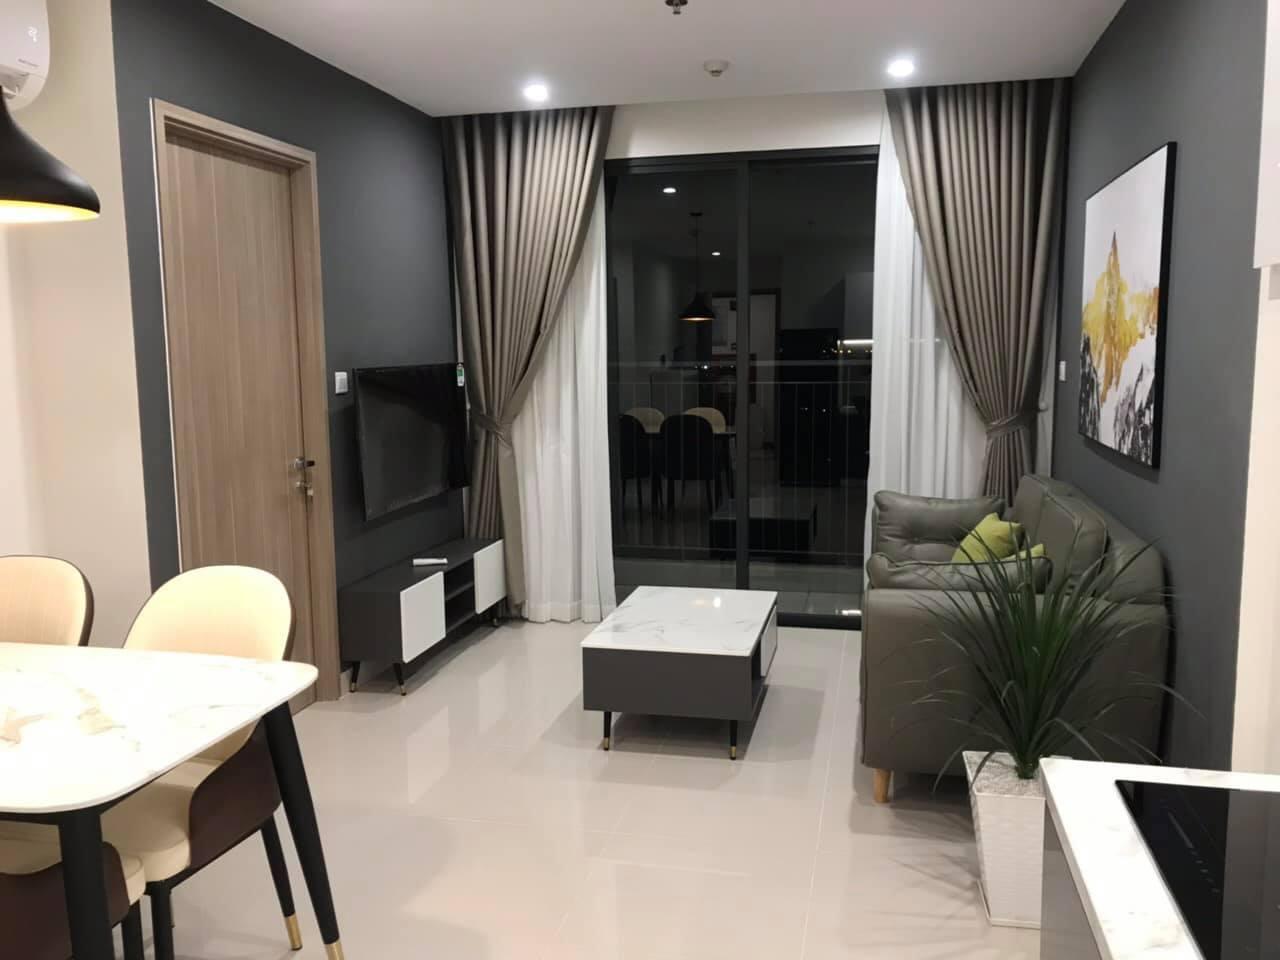 Căn hộ 2 phòng ngủ nội thất đầy đủ tầng 5 toà S2.03 giá 8tr/tháng 5